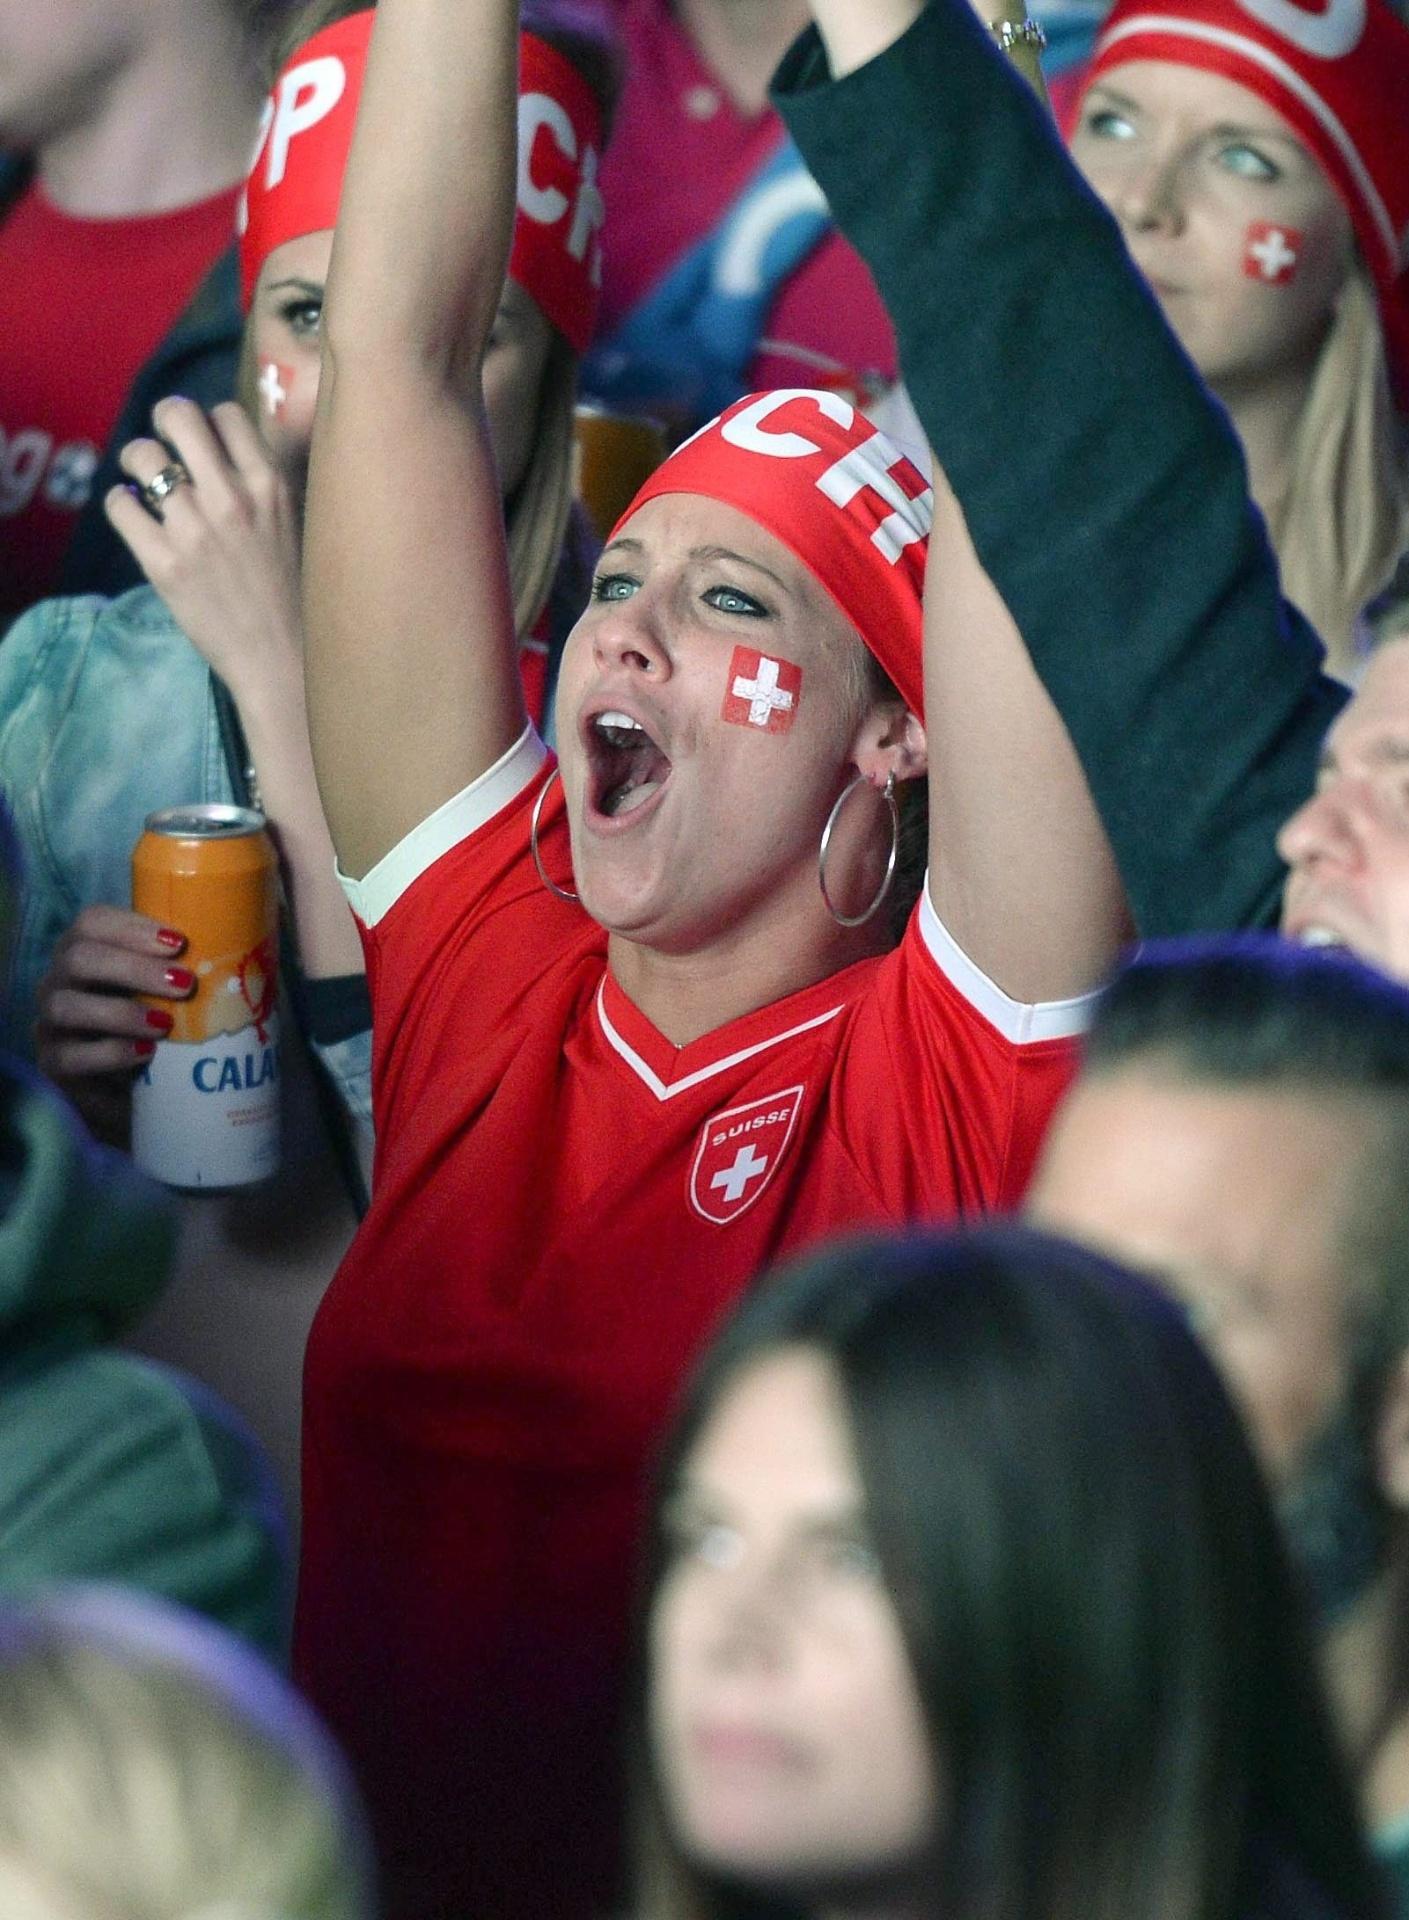 Suíça comemora classificação às oitavas de final em Zurique